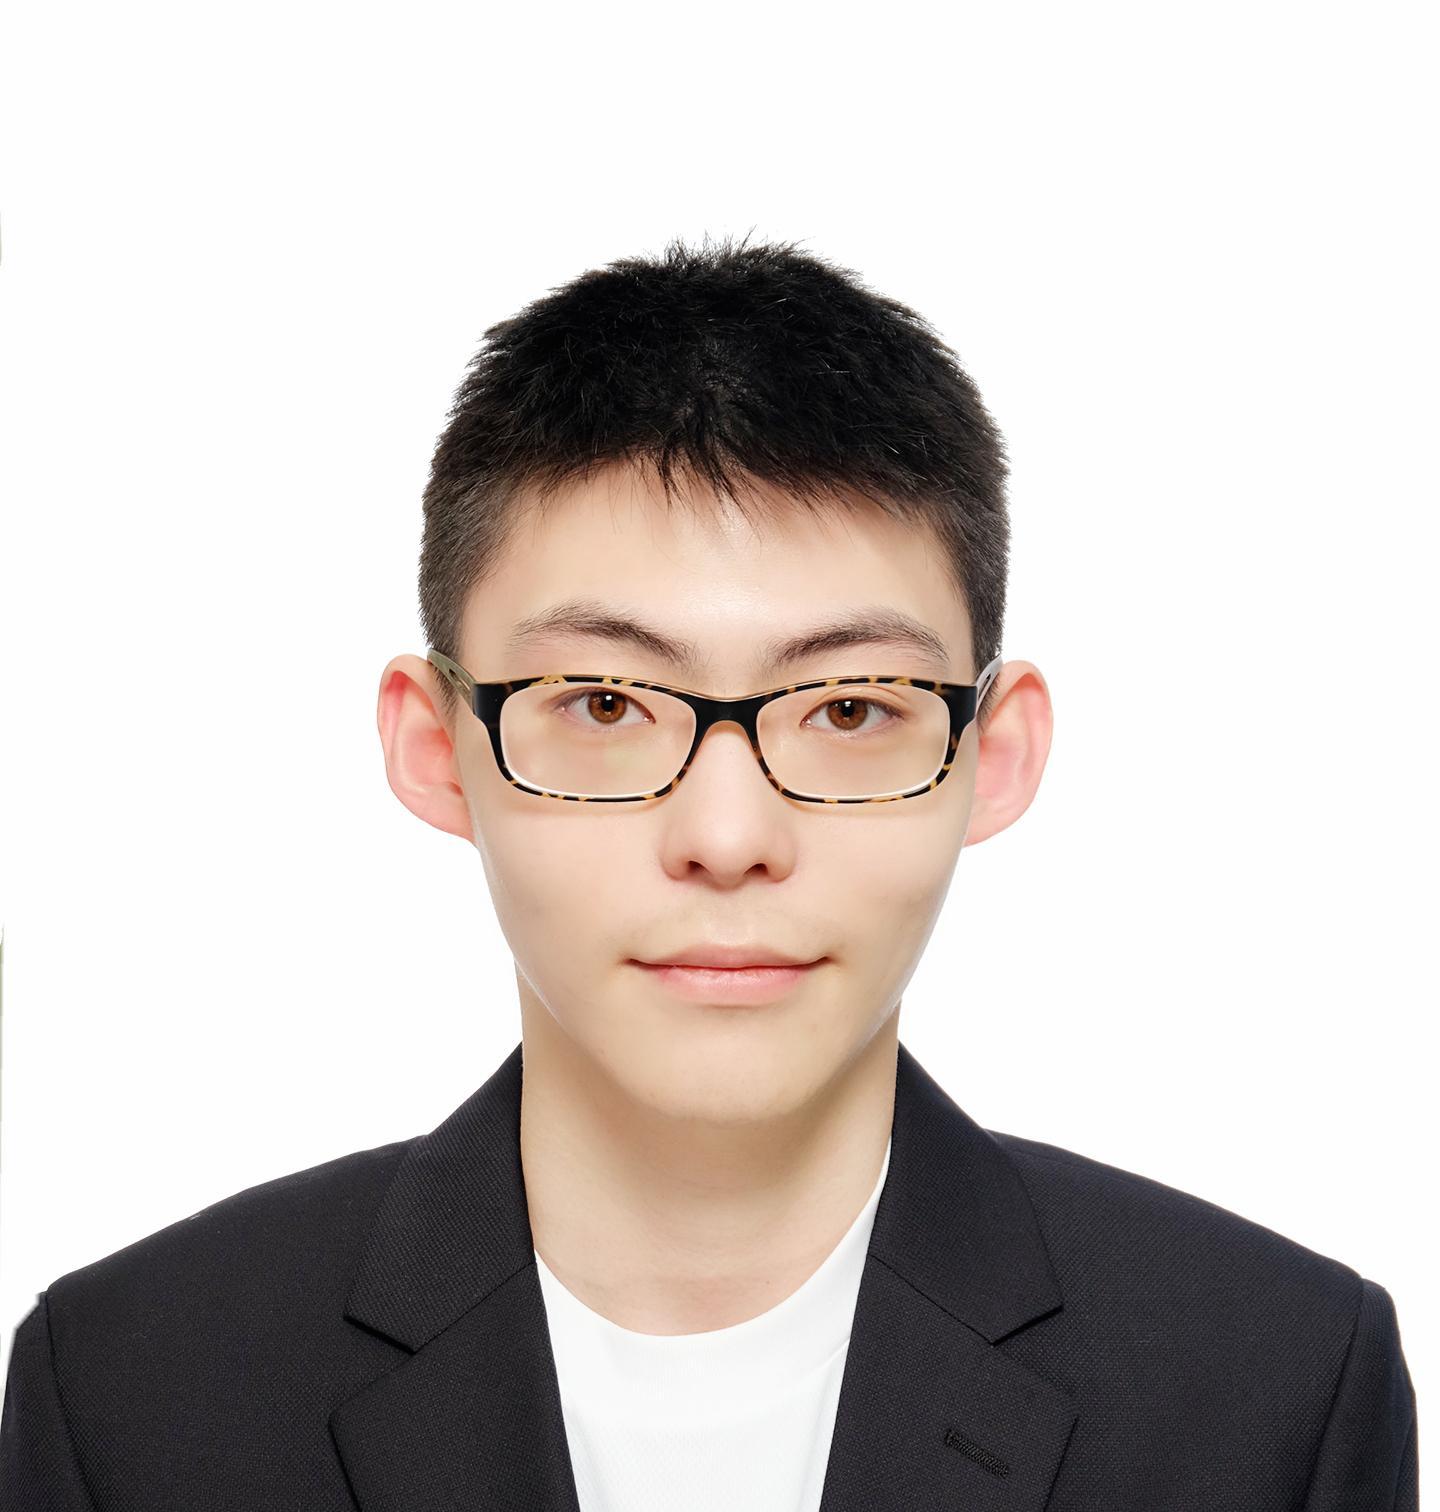 崇文家教李教员